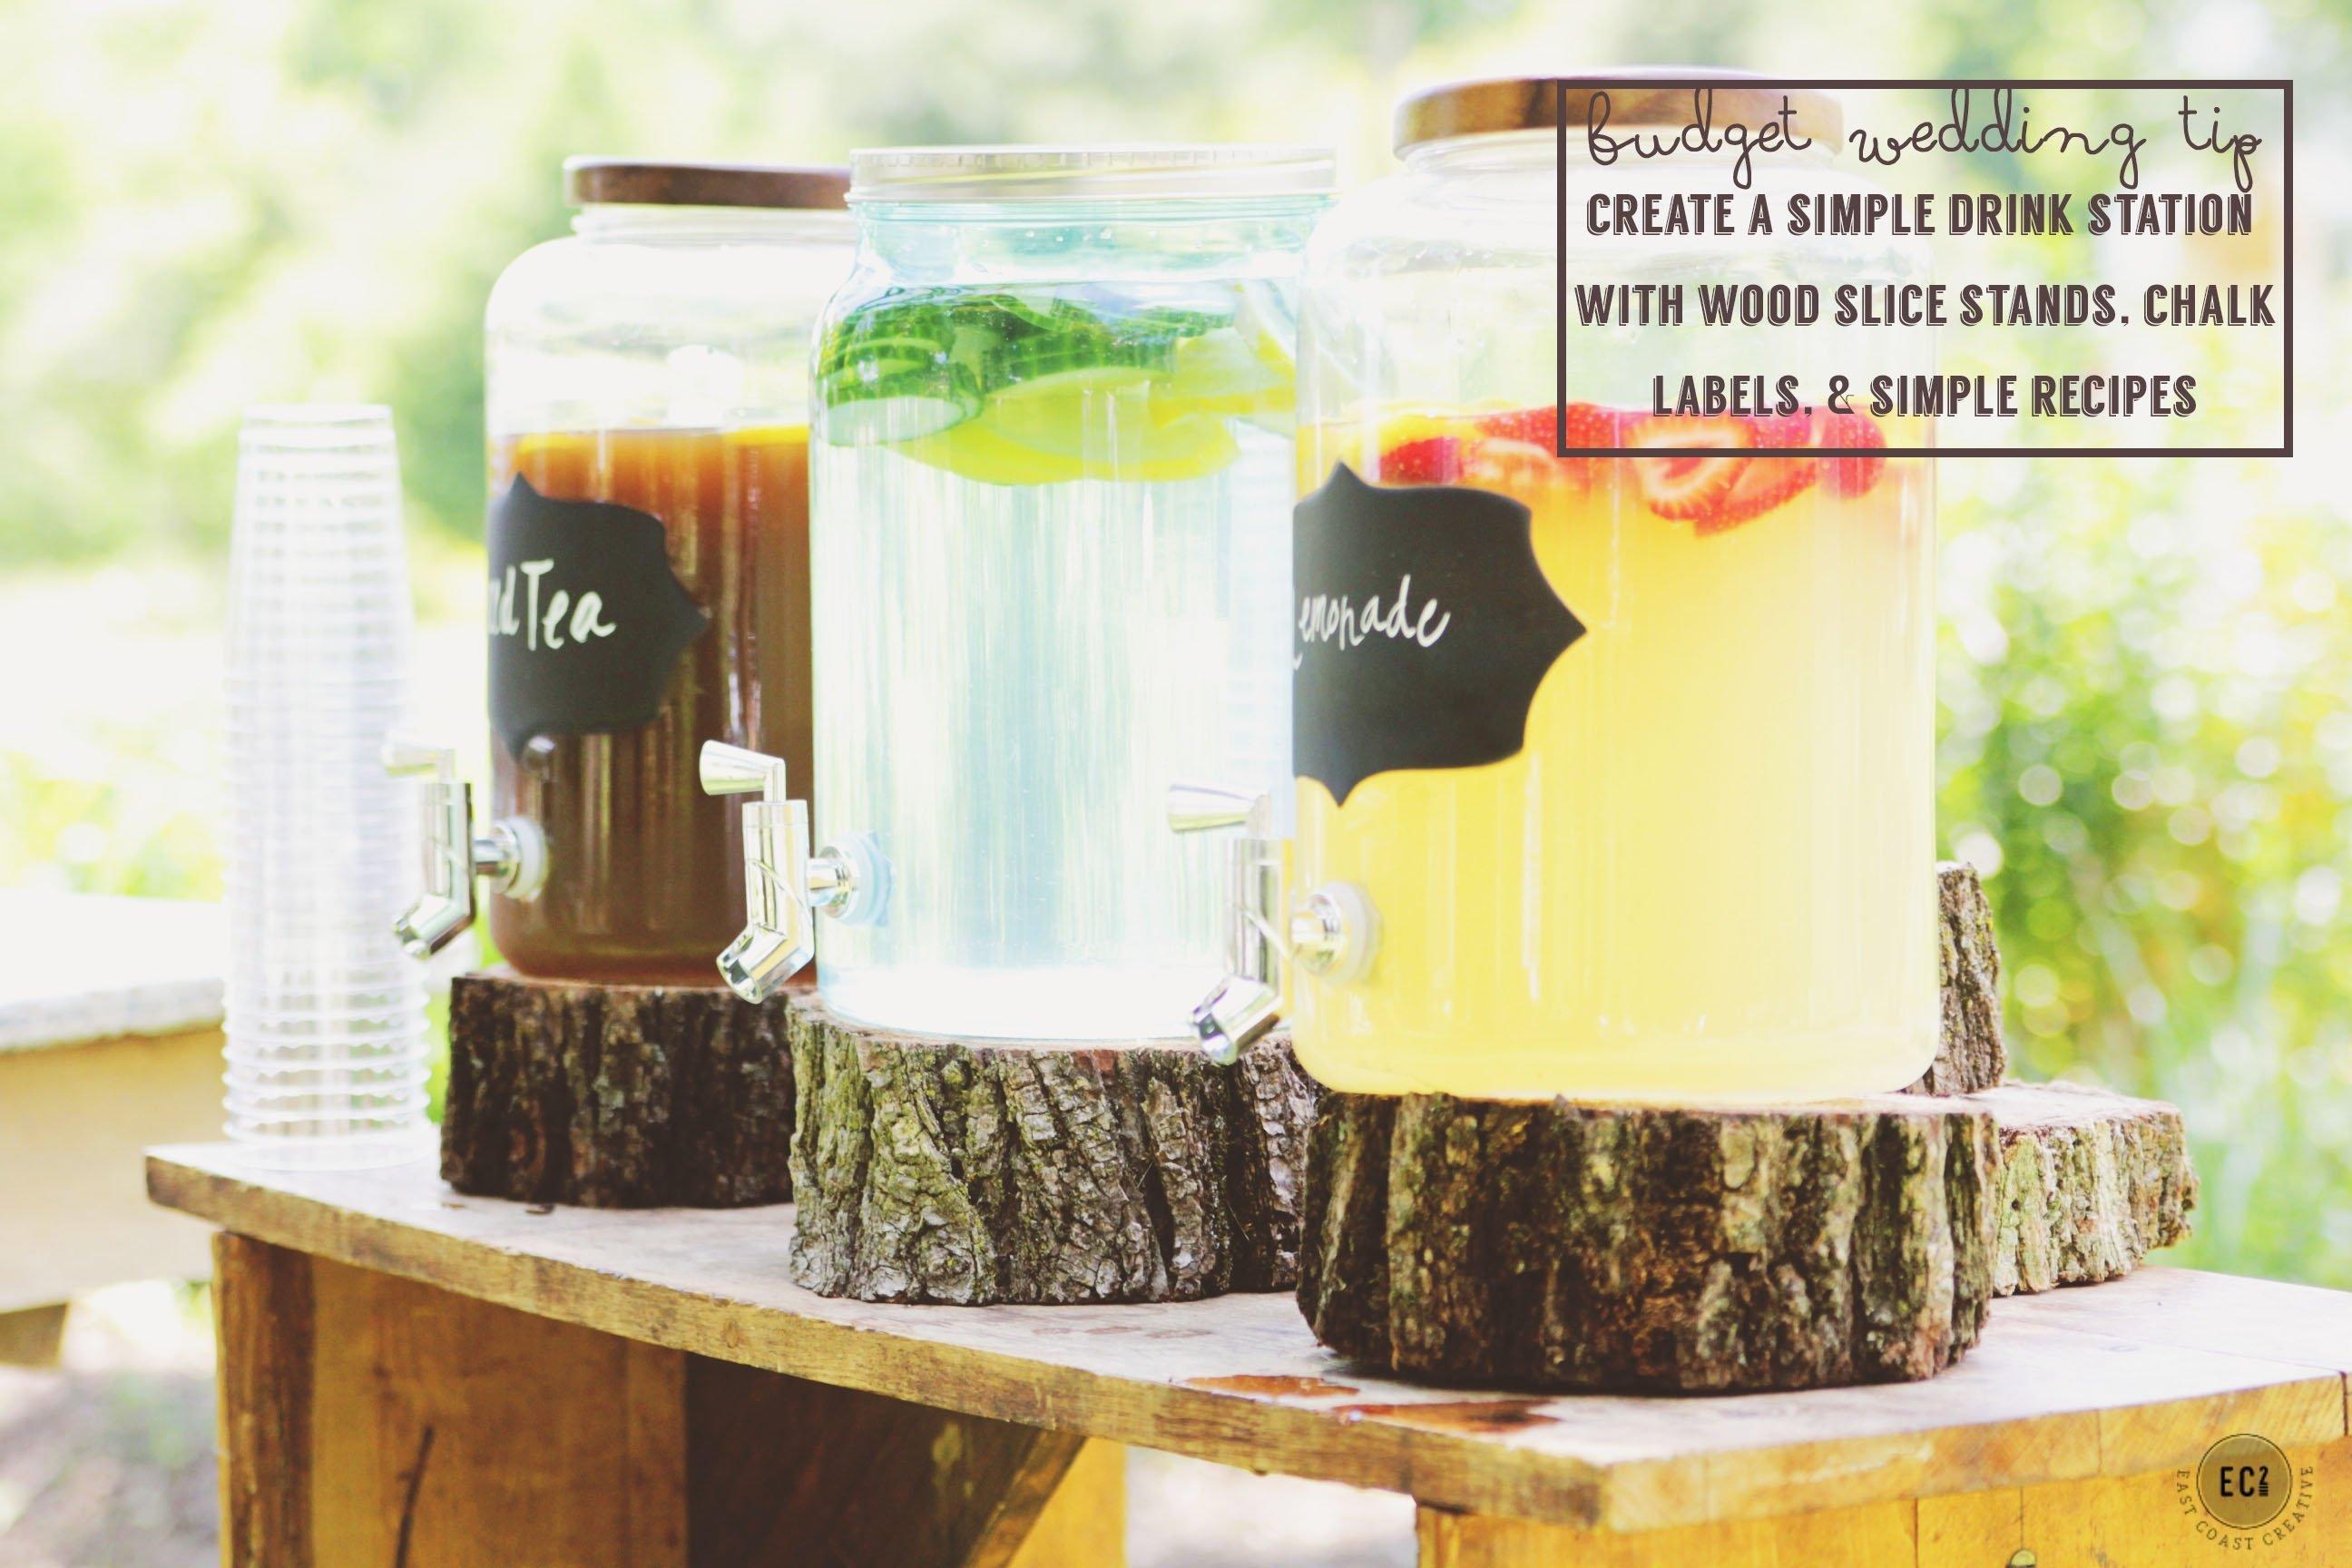 10 Pretty Creative Wedding Ideas On A Budget diy wedding tips on a budget vintage inspired backyard wedding 2020